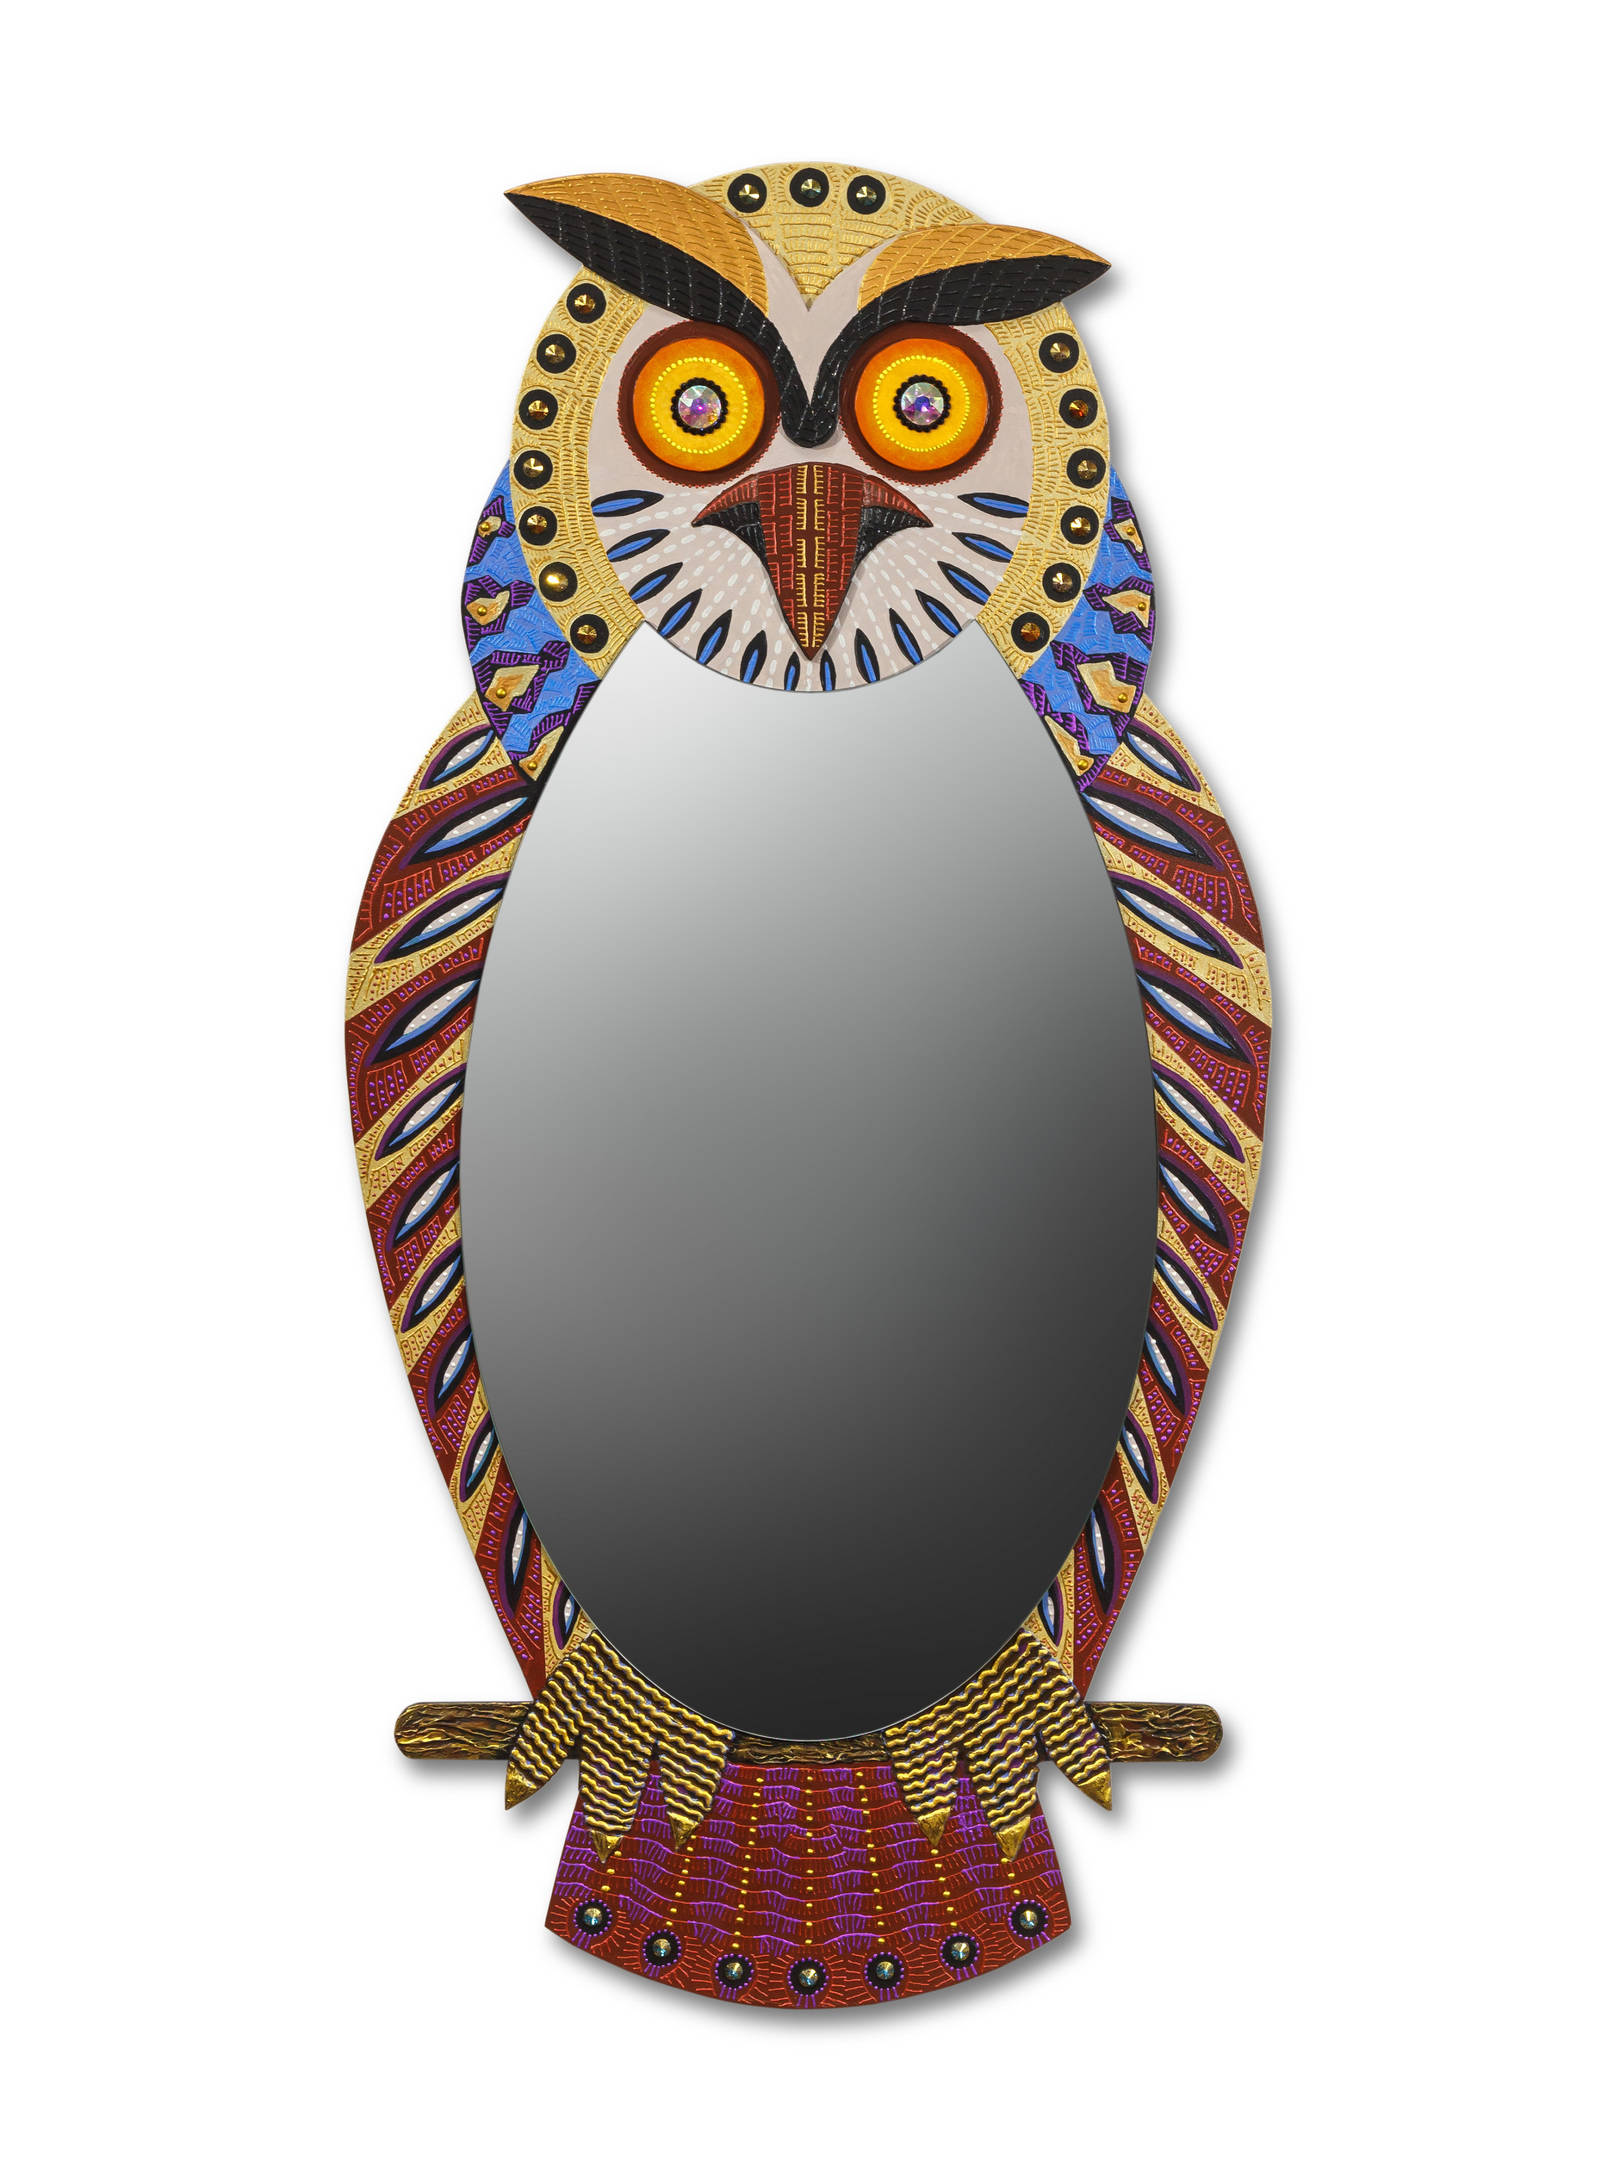 """зеркало «Сова» Размер 1200 х 600 мм. Смешанная техника Если выключить освещение, то глаза совы  будут некоторое время светиться.  mirror """"Owl""""  Size 1200 x 600 mm.  Mixed media. If you turn off the lights, then the eyes of an owl will glow for a while."""